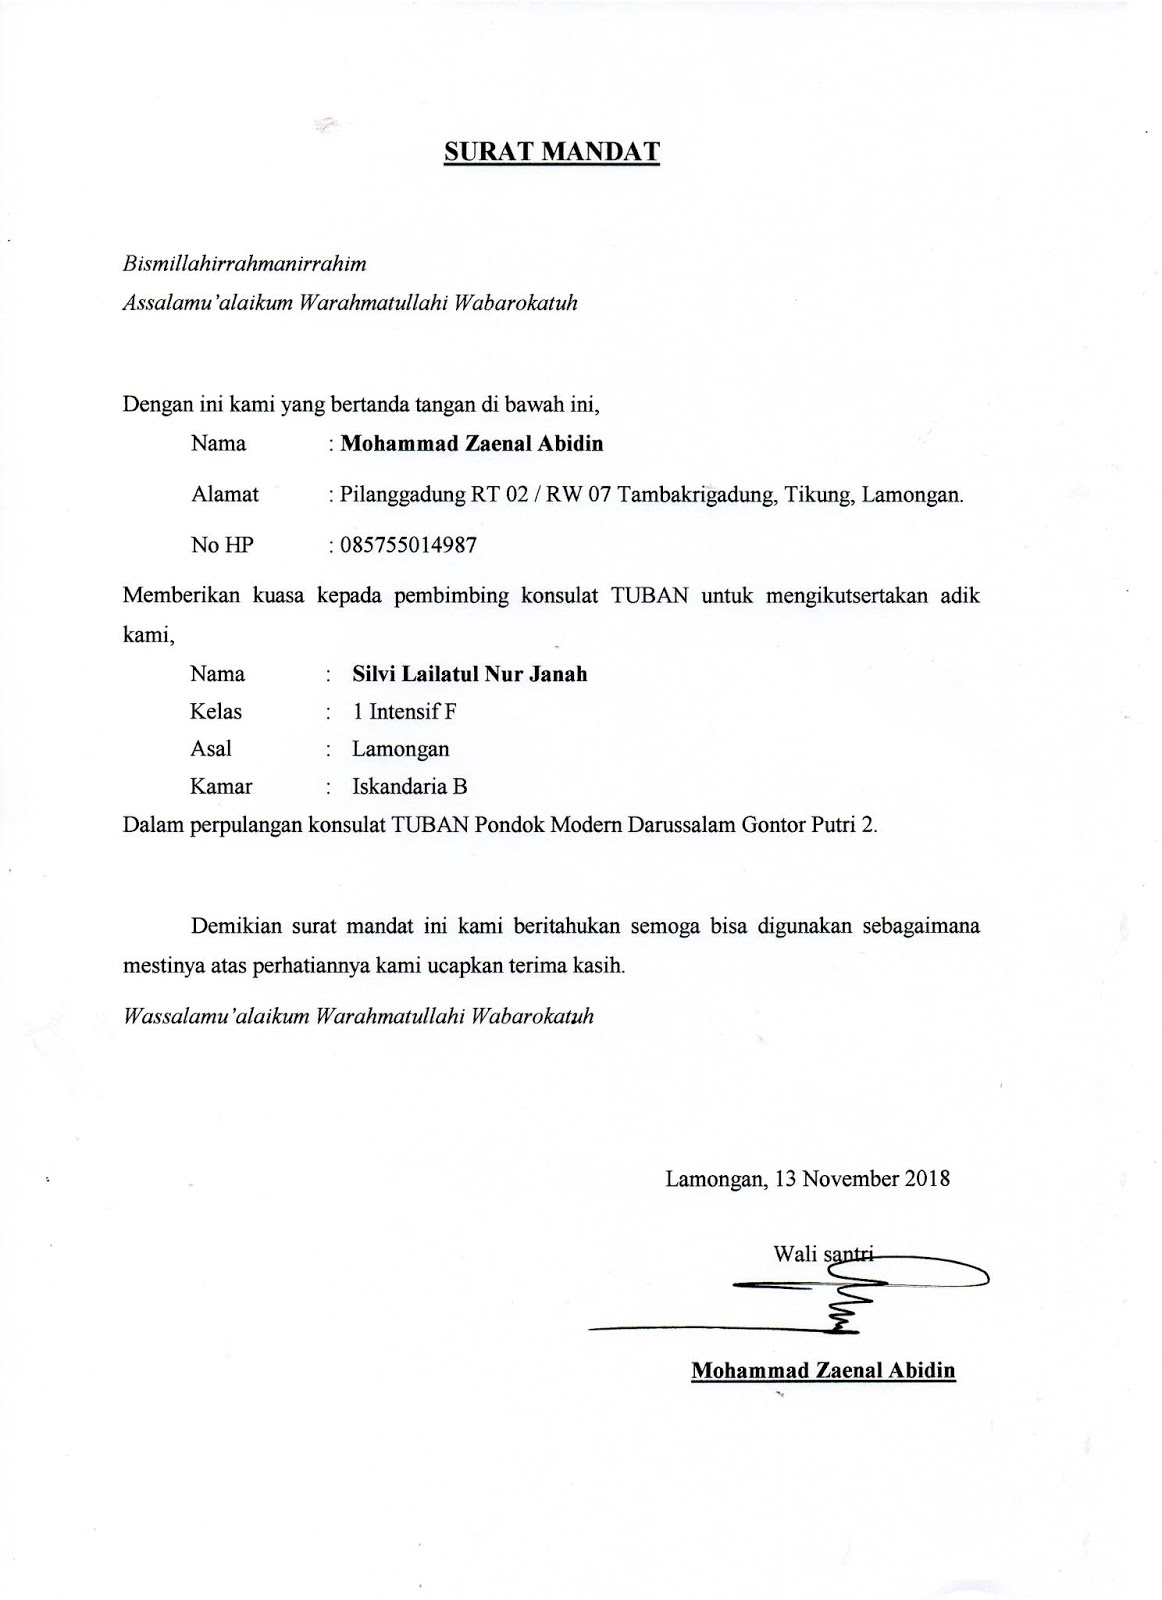 Contoh Surat Mandat : contoh, surat, mandat, Contoh, Surat, Mandat, Gudang